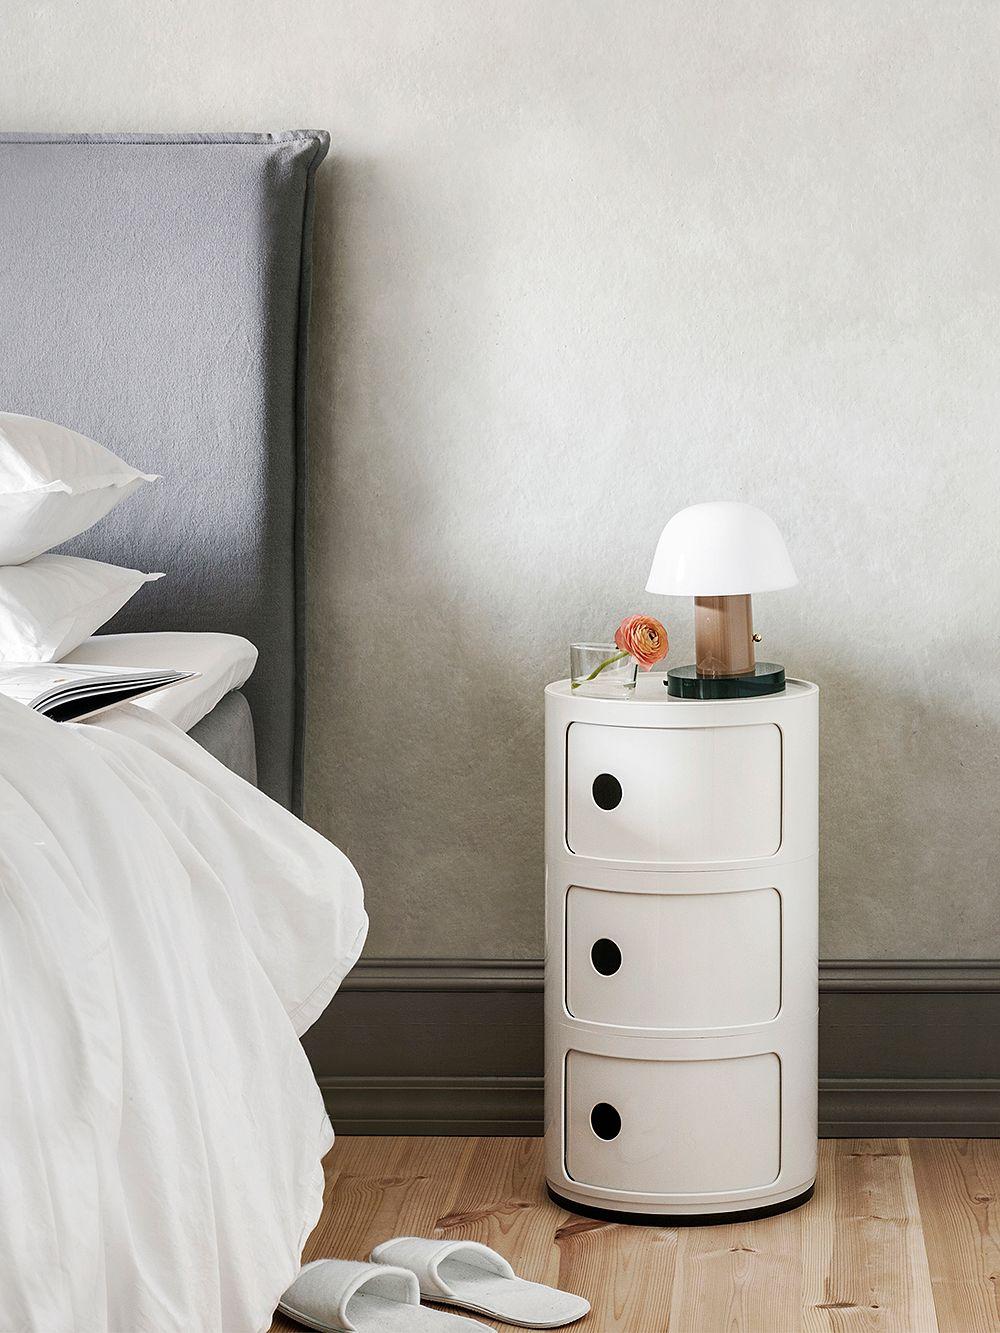 Kartellin Componibili-säilytyskaluste osana makuuhuoneen sisustusta.